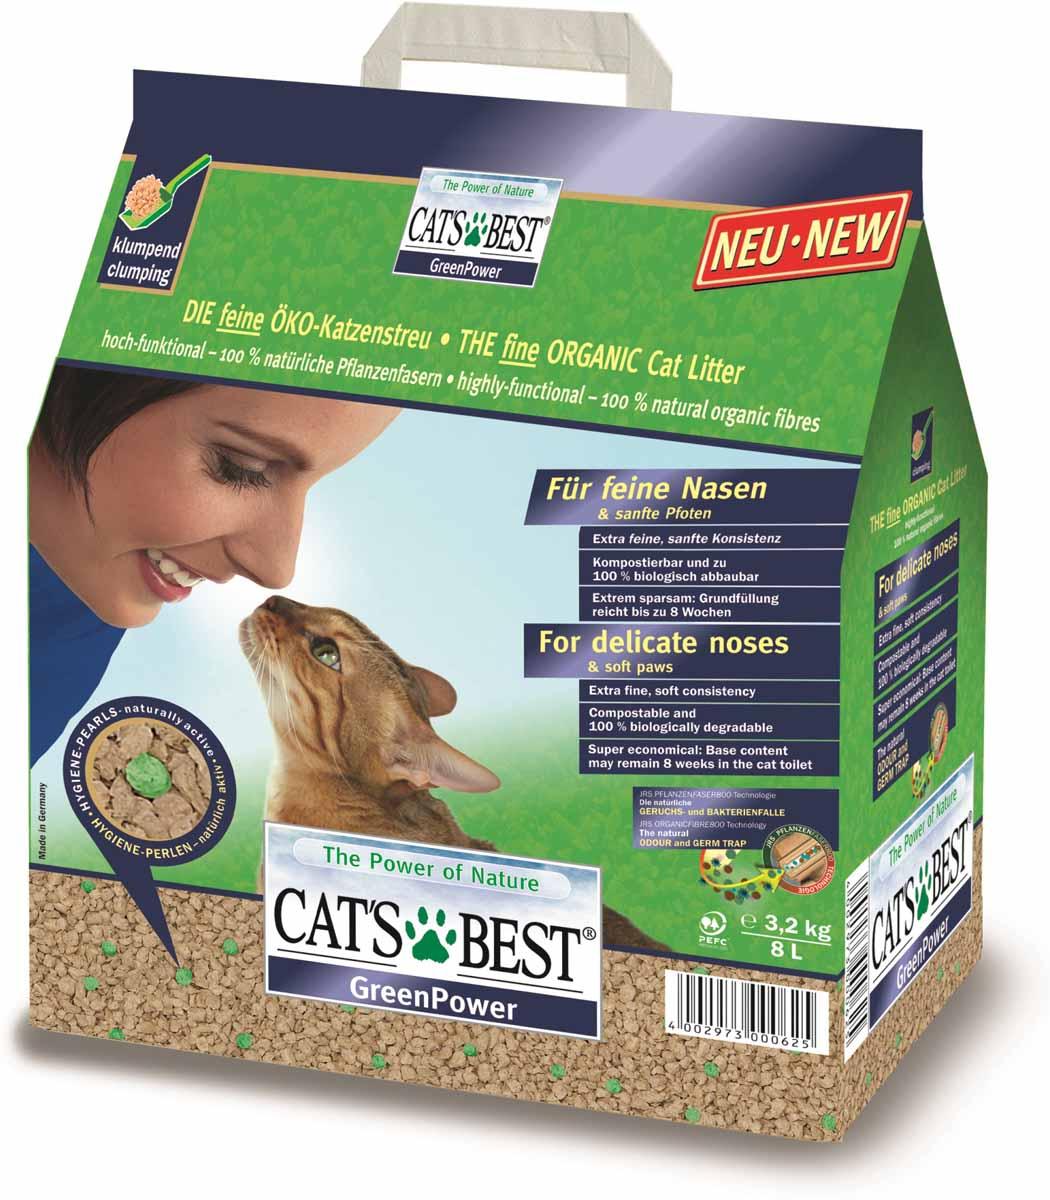 Наполнитель древесный комкующийся Cats Best Green Power, 8 л (3,2 кг)143544Древесный наполнитель для кошачьего туалета Cats Best Green Power производится из необработанной европейской еловой и сосновой древесины, которая берется из свежеупавших стволов. Пригоден к компостированию и на 100% биологически разлагаем. Применение некондиционной древесины сохраняет здоровые природные лесные ресурсы. Наполнитель обладает исключительным запахопоглощением и впитываемостью. Неприятный запах эффективно и надолго связывается в капиллярной системе растительных волокон - притом естественно, без добавления химических примесей или ароматизаторов. Благодаря зеленым гранулам из органических материалов запахи блокируются еще лучше. Наполнитель можно выбрасывать в унитаз. Особенности: - экологически чистый, - экономичный, - исключительное поглощение запахов, - легко утилизируется в унитаз, - не пылит.